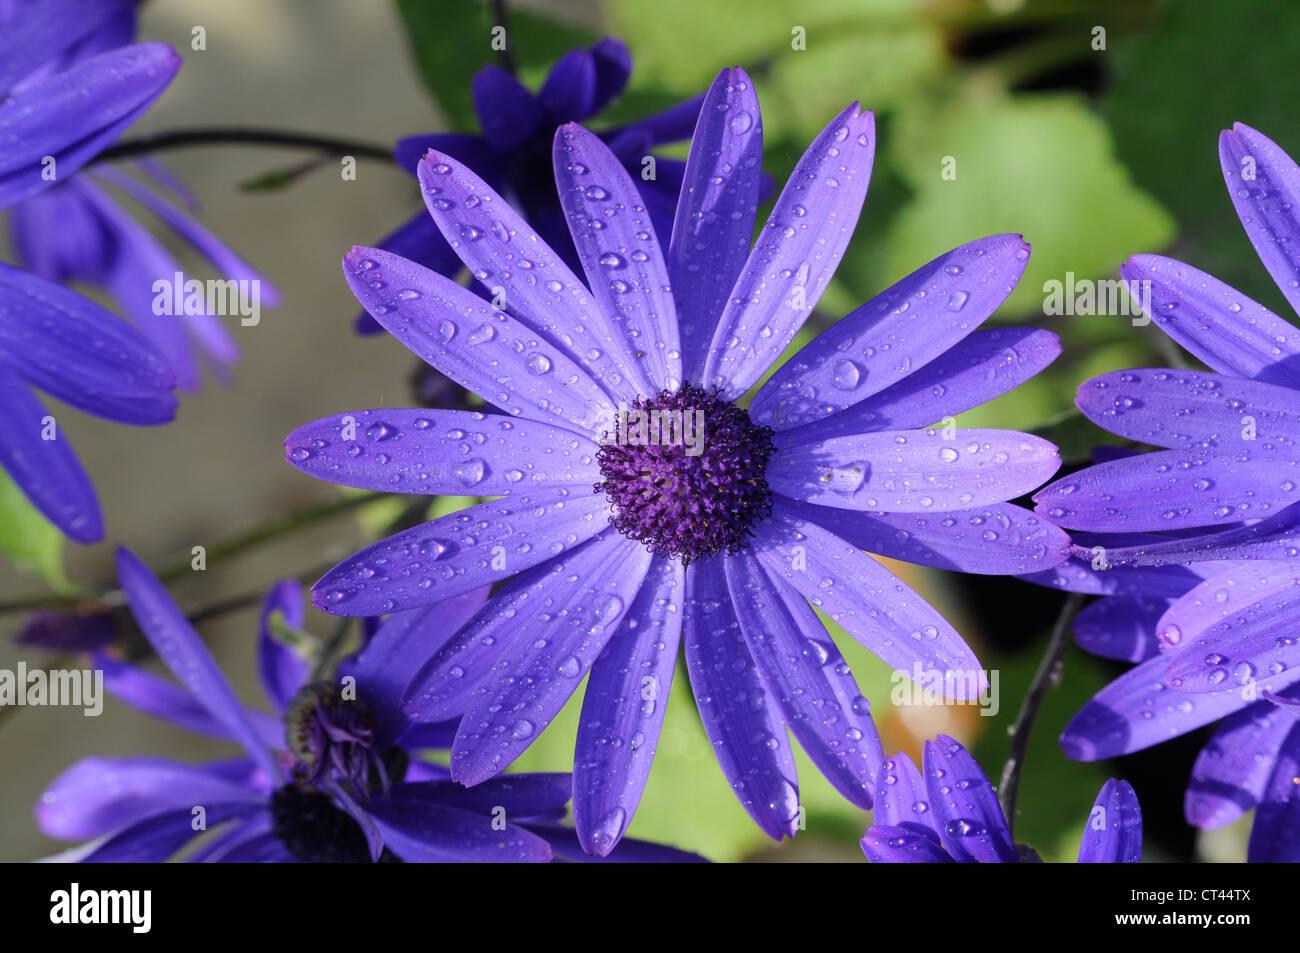 pretty purple Senetti flower in bloom - Stock Image